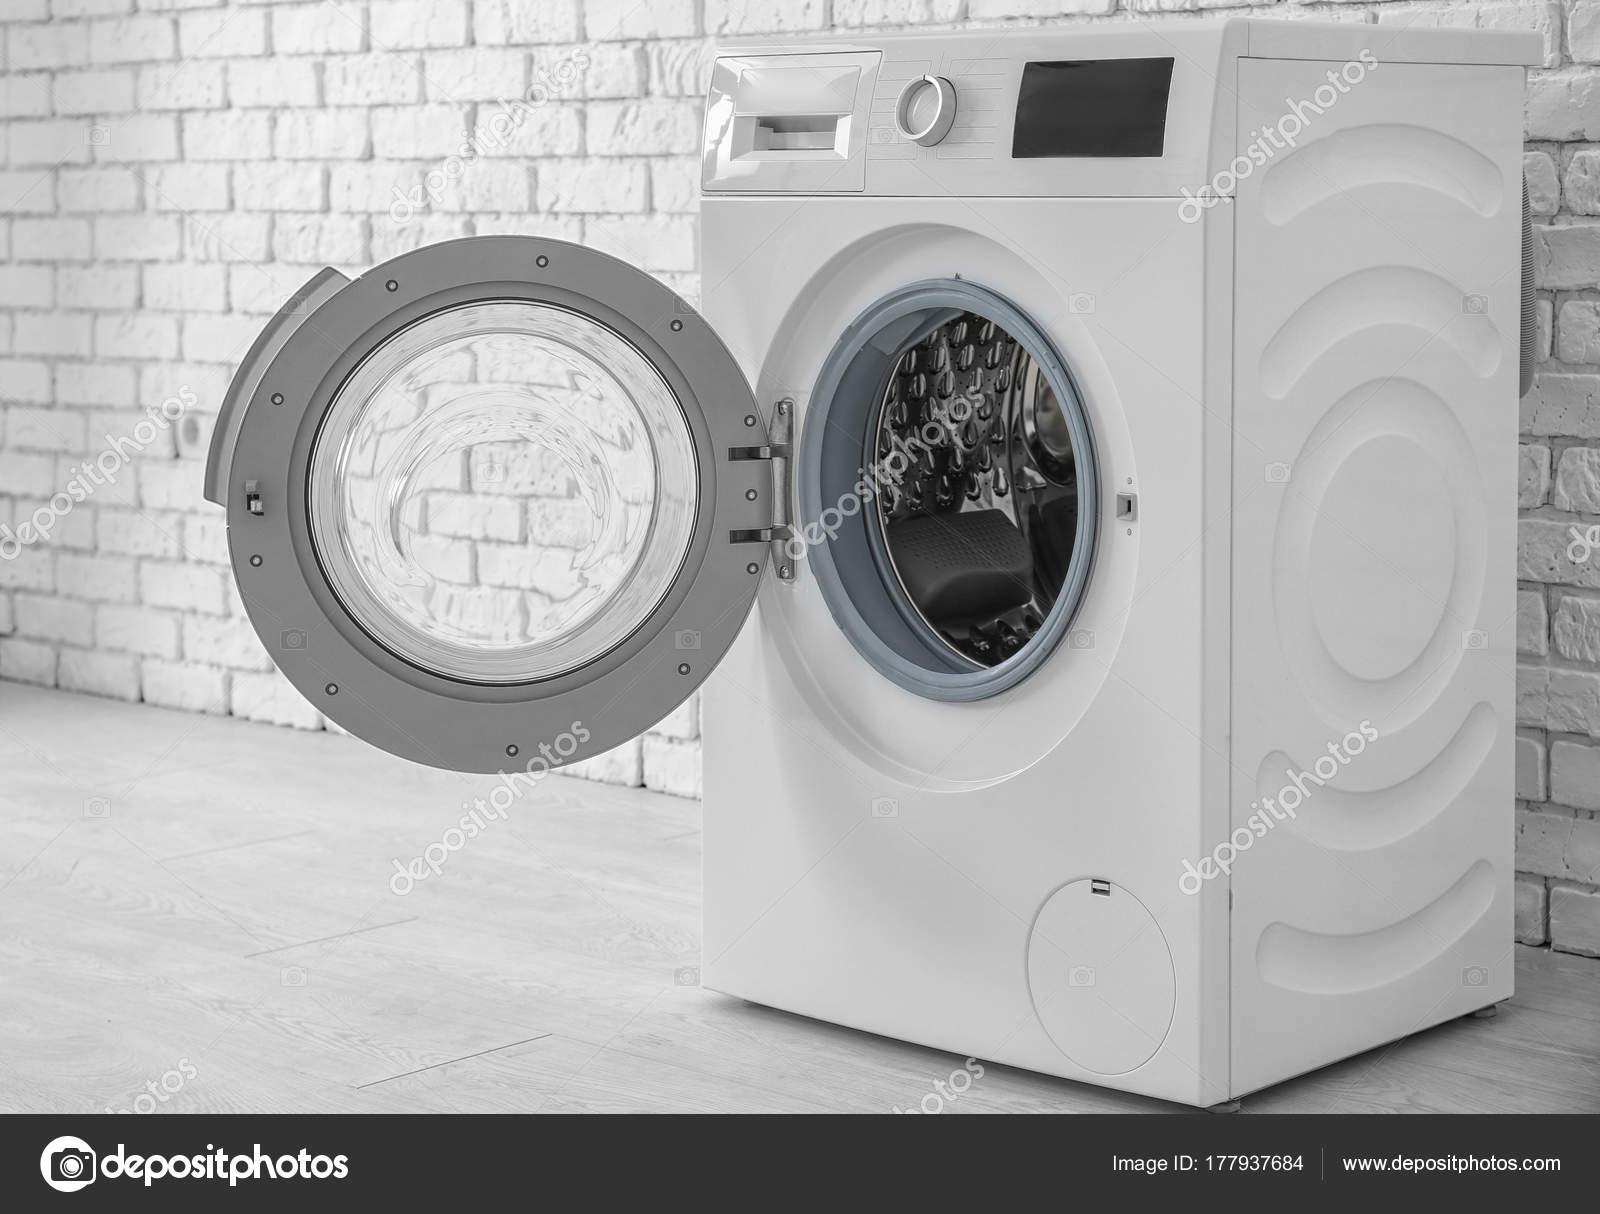 Moderne Waschmaschine moderne waschmaschine in der nähe mauer stockfoto belchonock